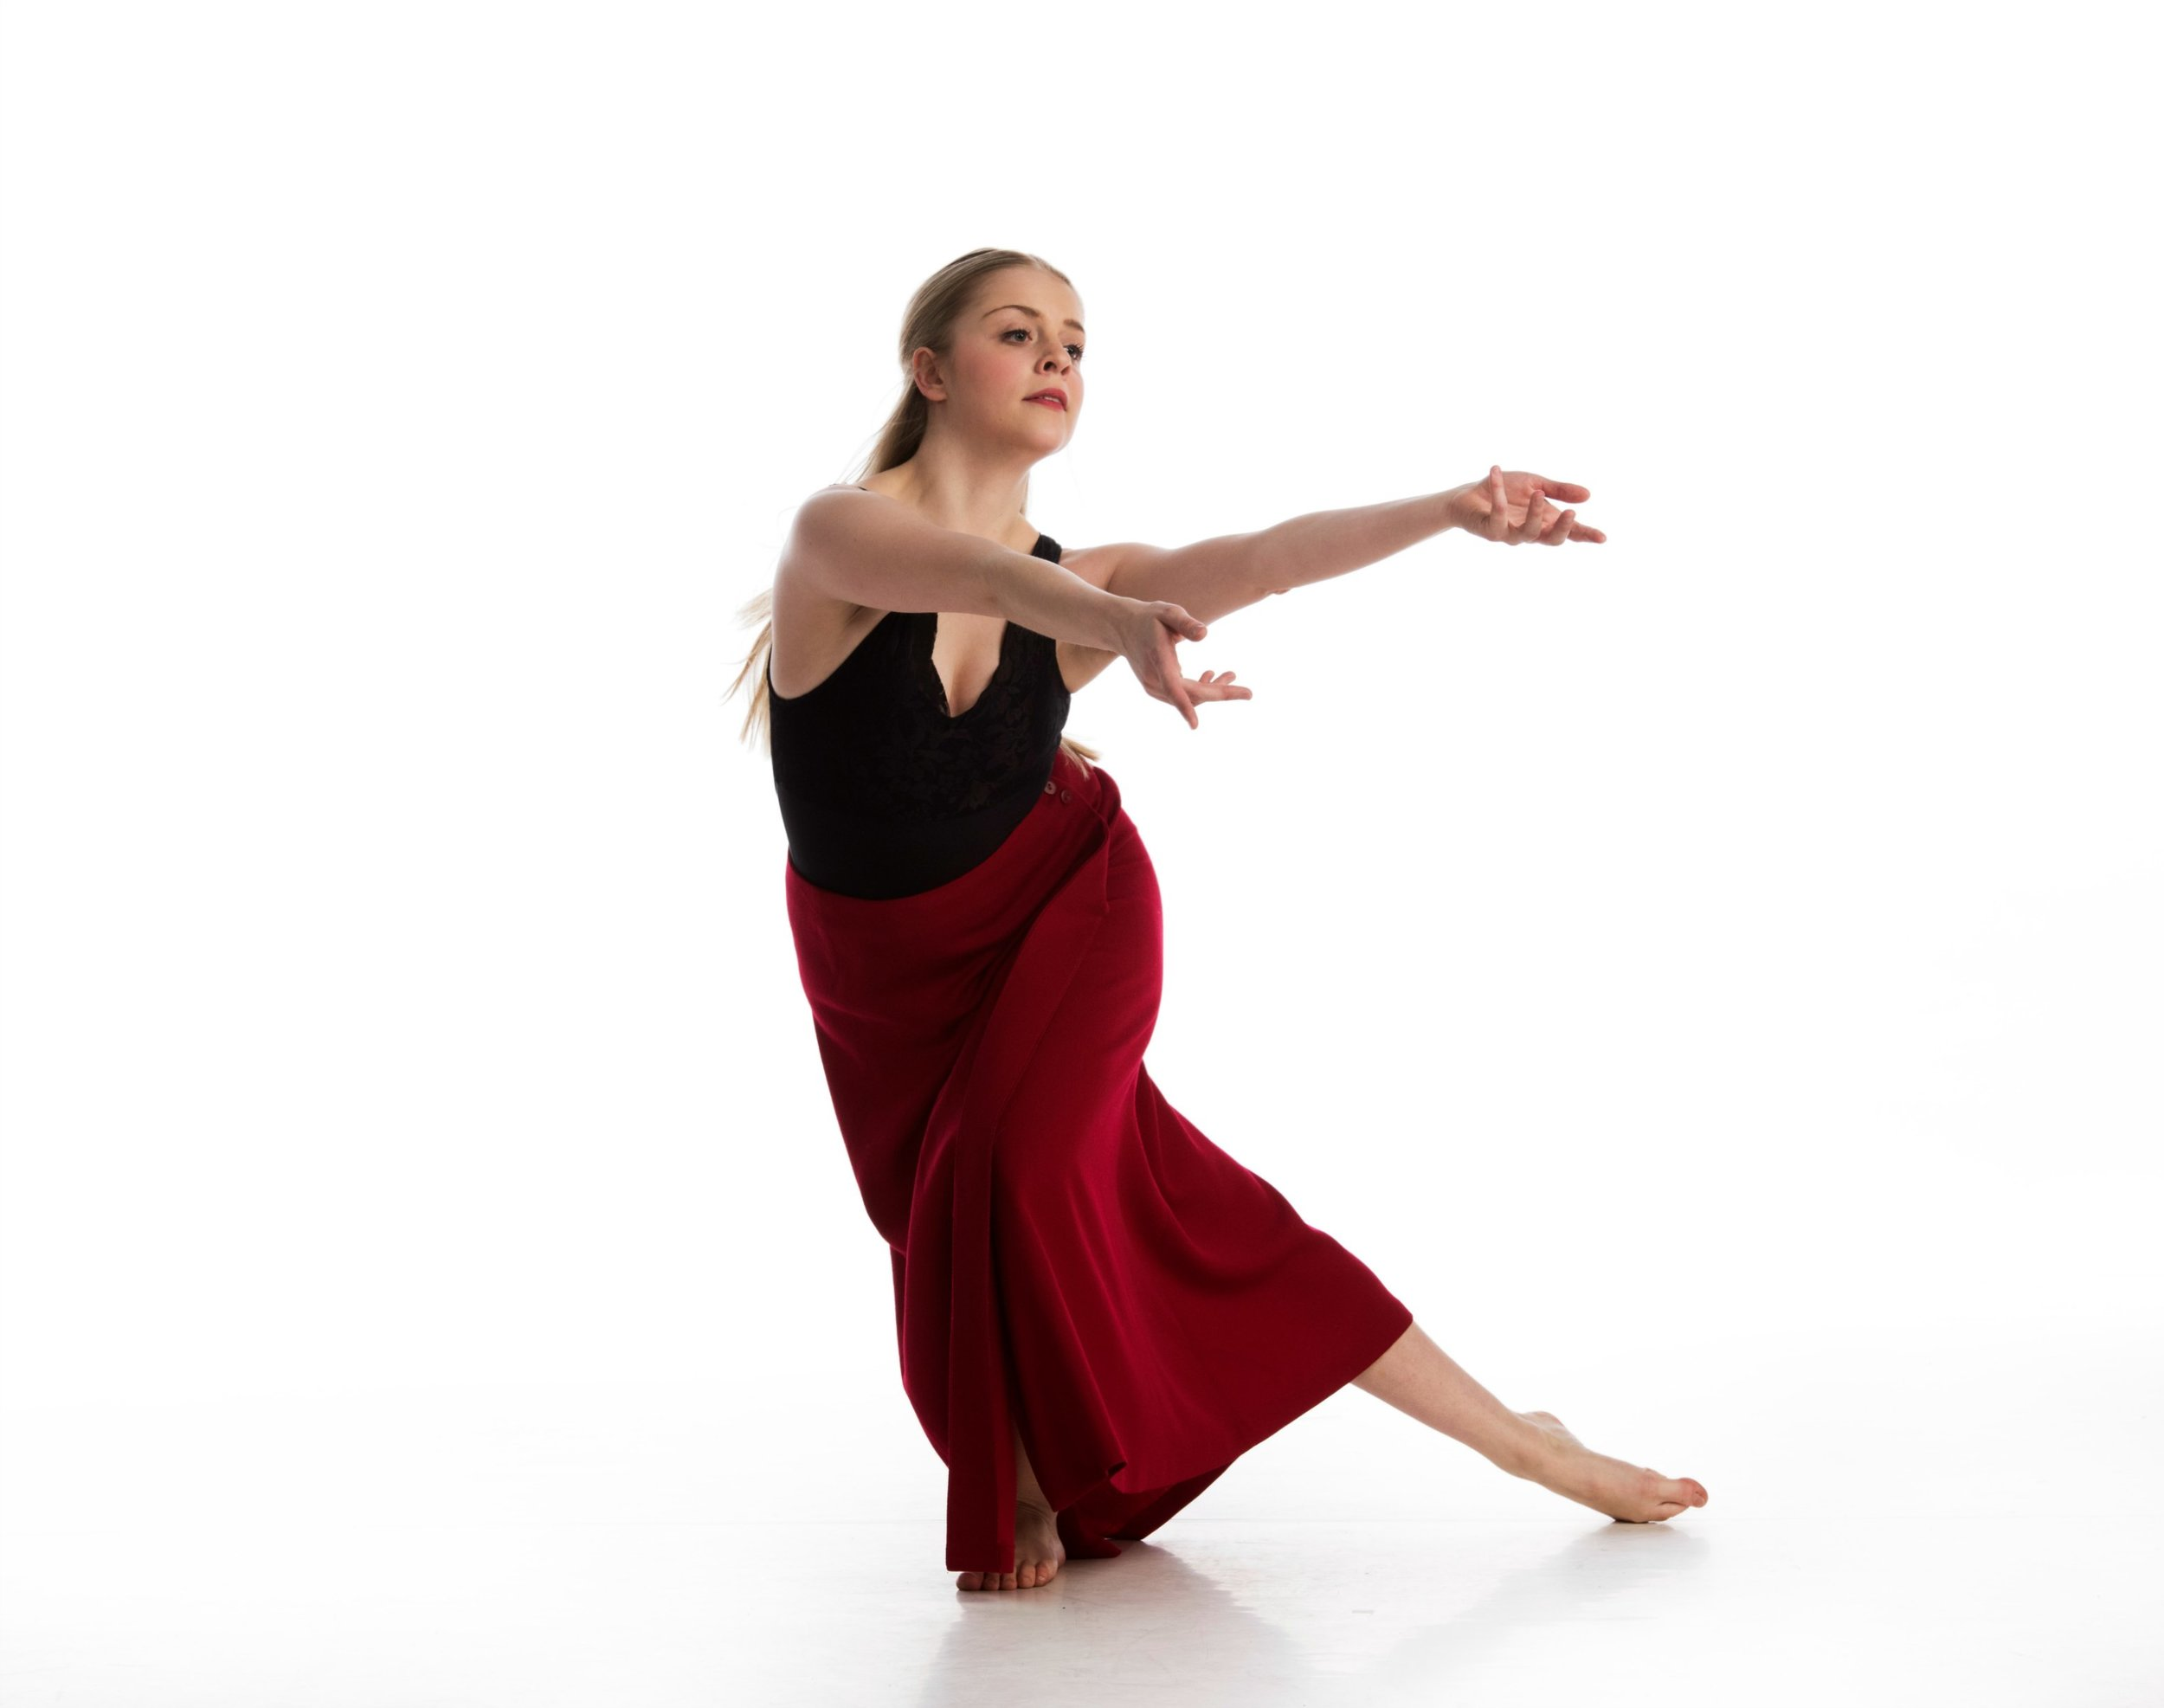 Jenna Kraychy